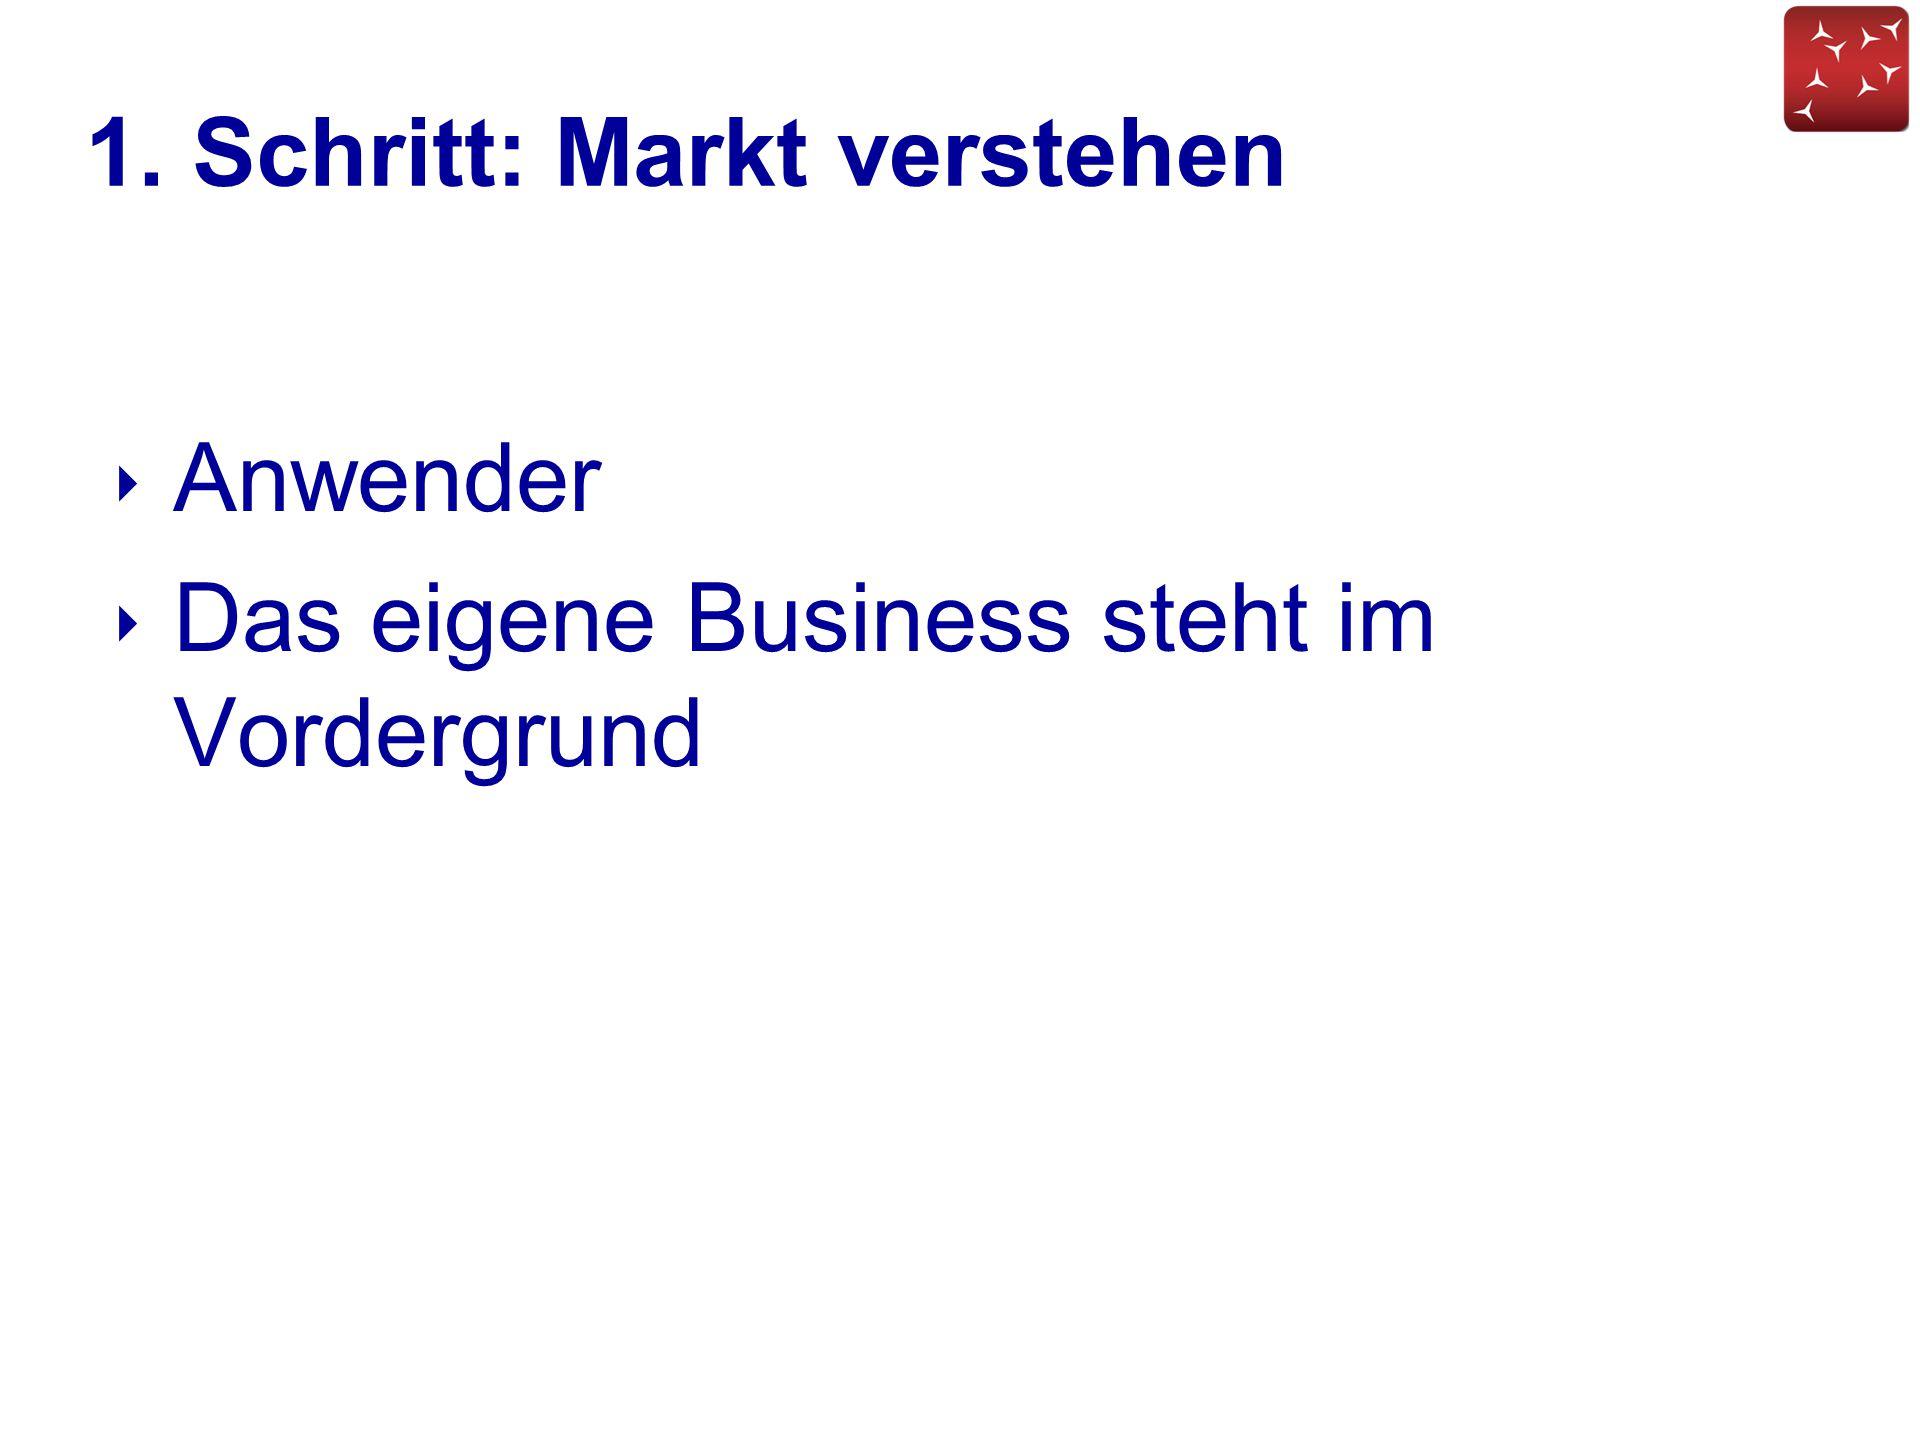 1. Schritt: Markt verstehen ‣ Anwender ‣ Das eigene Business steht im Vordergrund